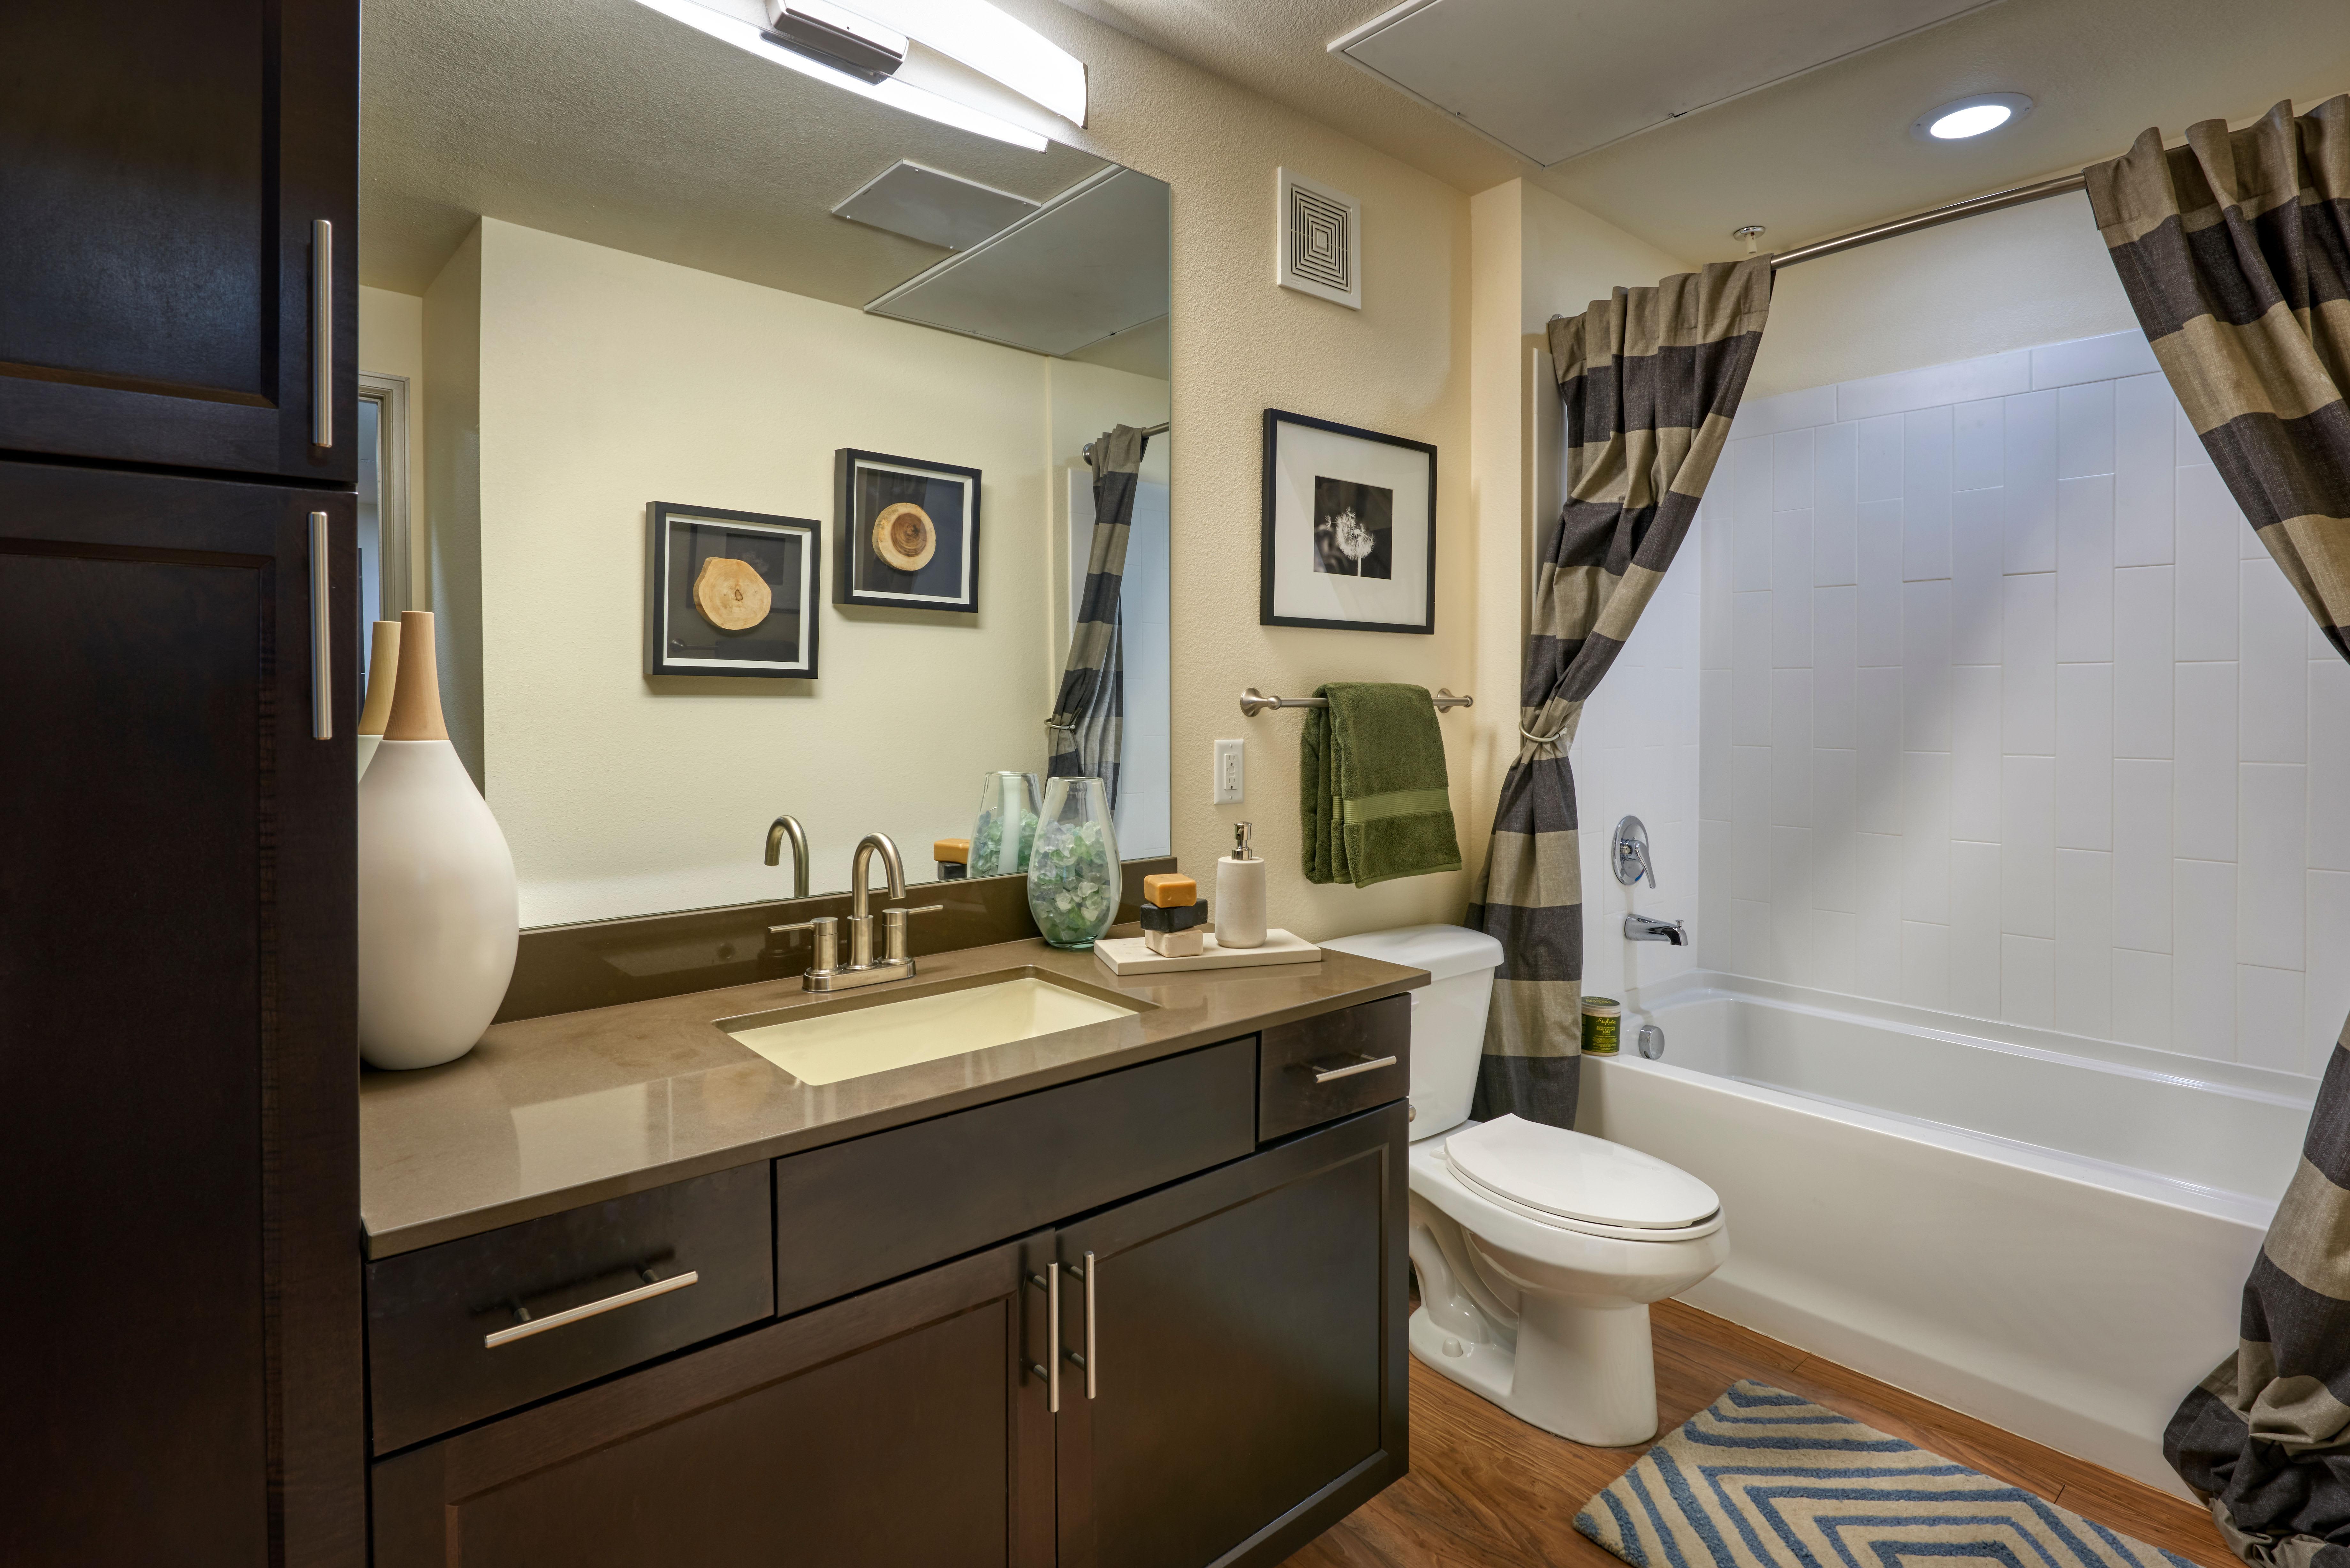 A comfortable restroom at M2 Apartments in Denver, Colorado